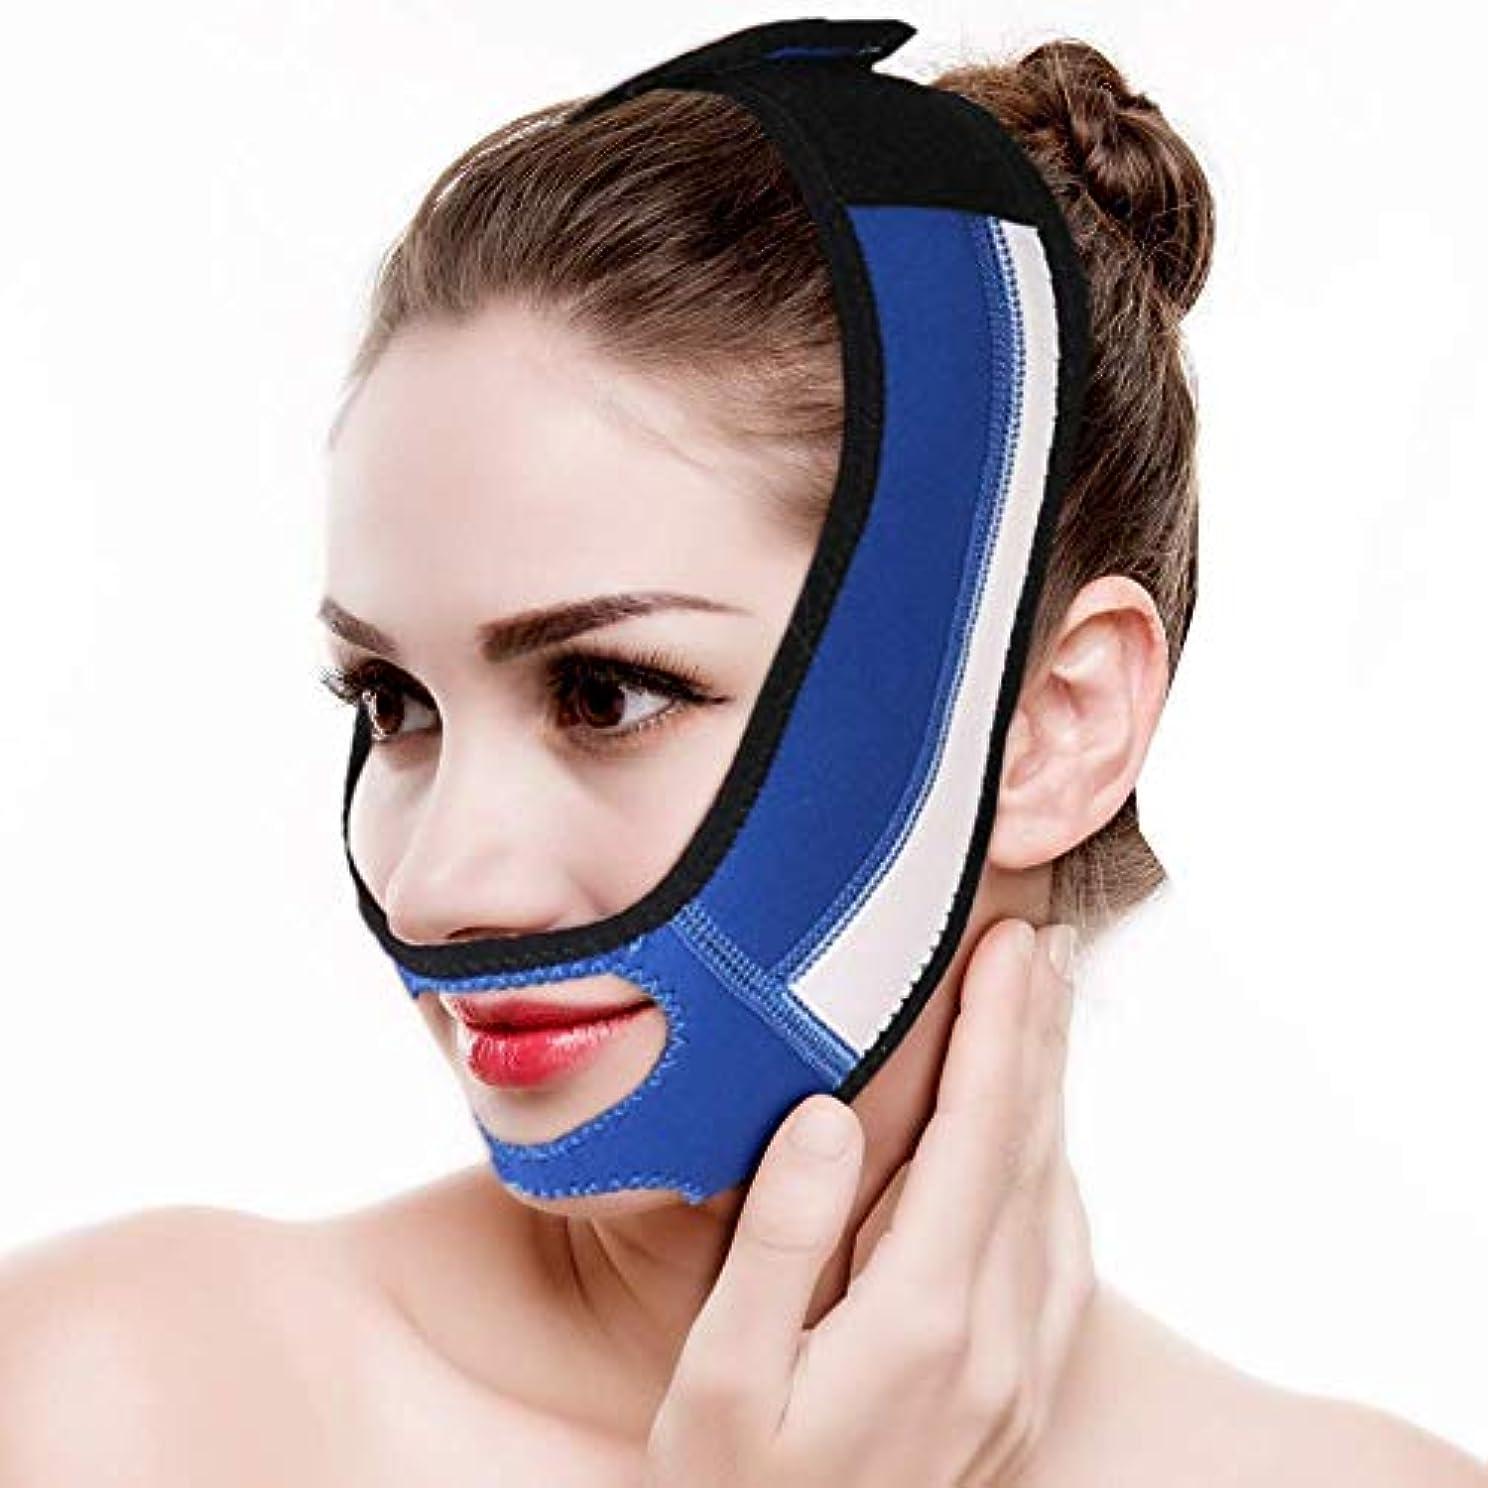 スペース弱い飛躍フェイススリミングチークマスク、フェイススリムリフティングアップスキンバンデージダブルチンを締めます